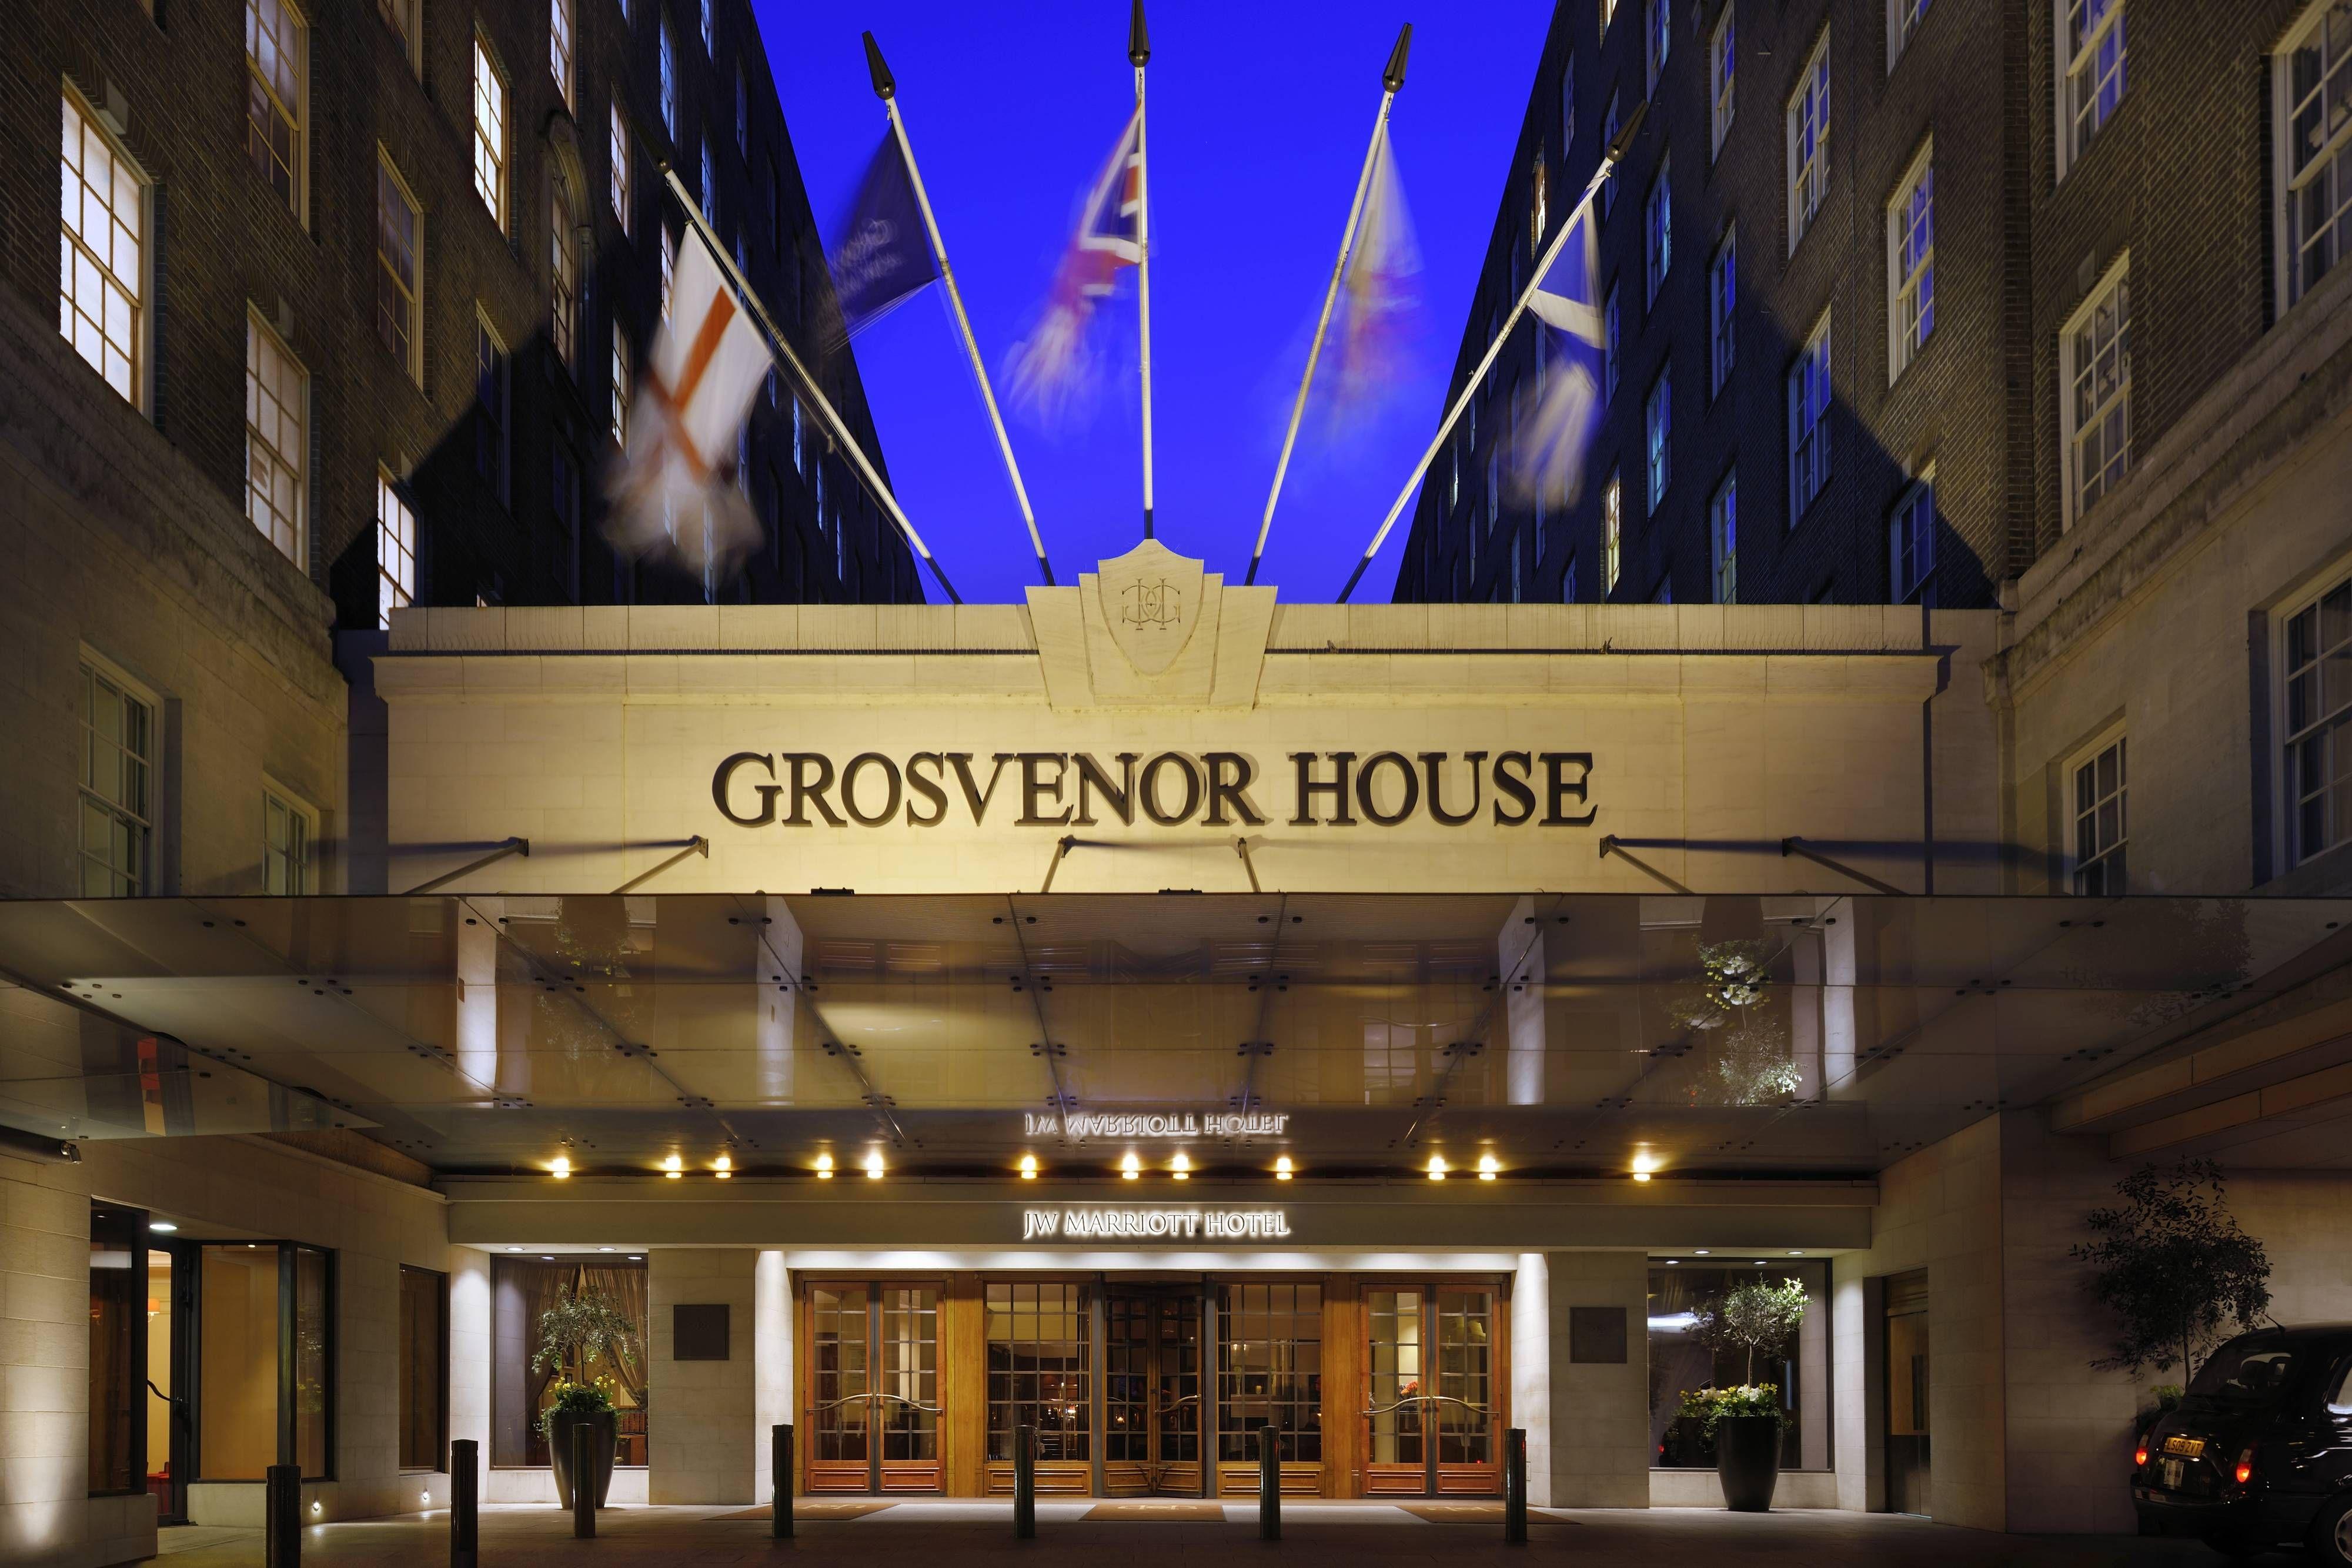 Grosvenor House A Jw Marriott Hotel Entrance Hotel Guestroom Hotels London Hotels Grosvenor House London Marriott Hotels